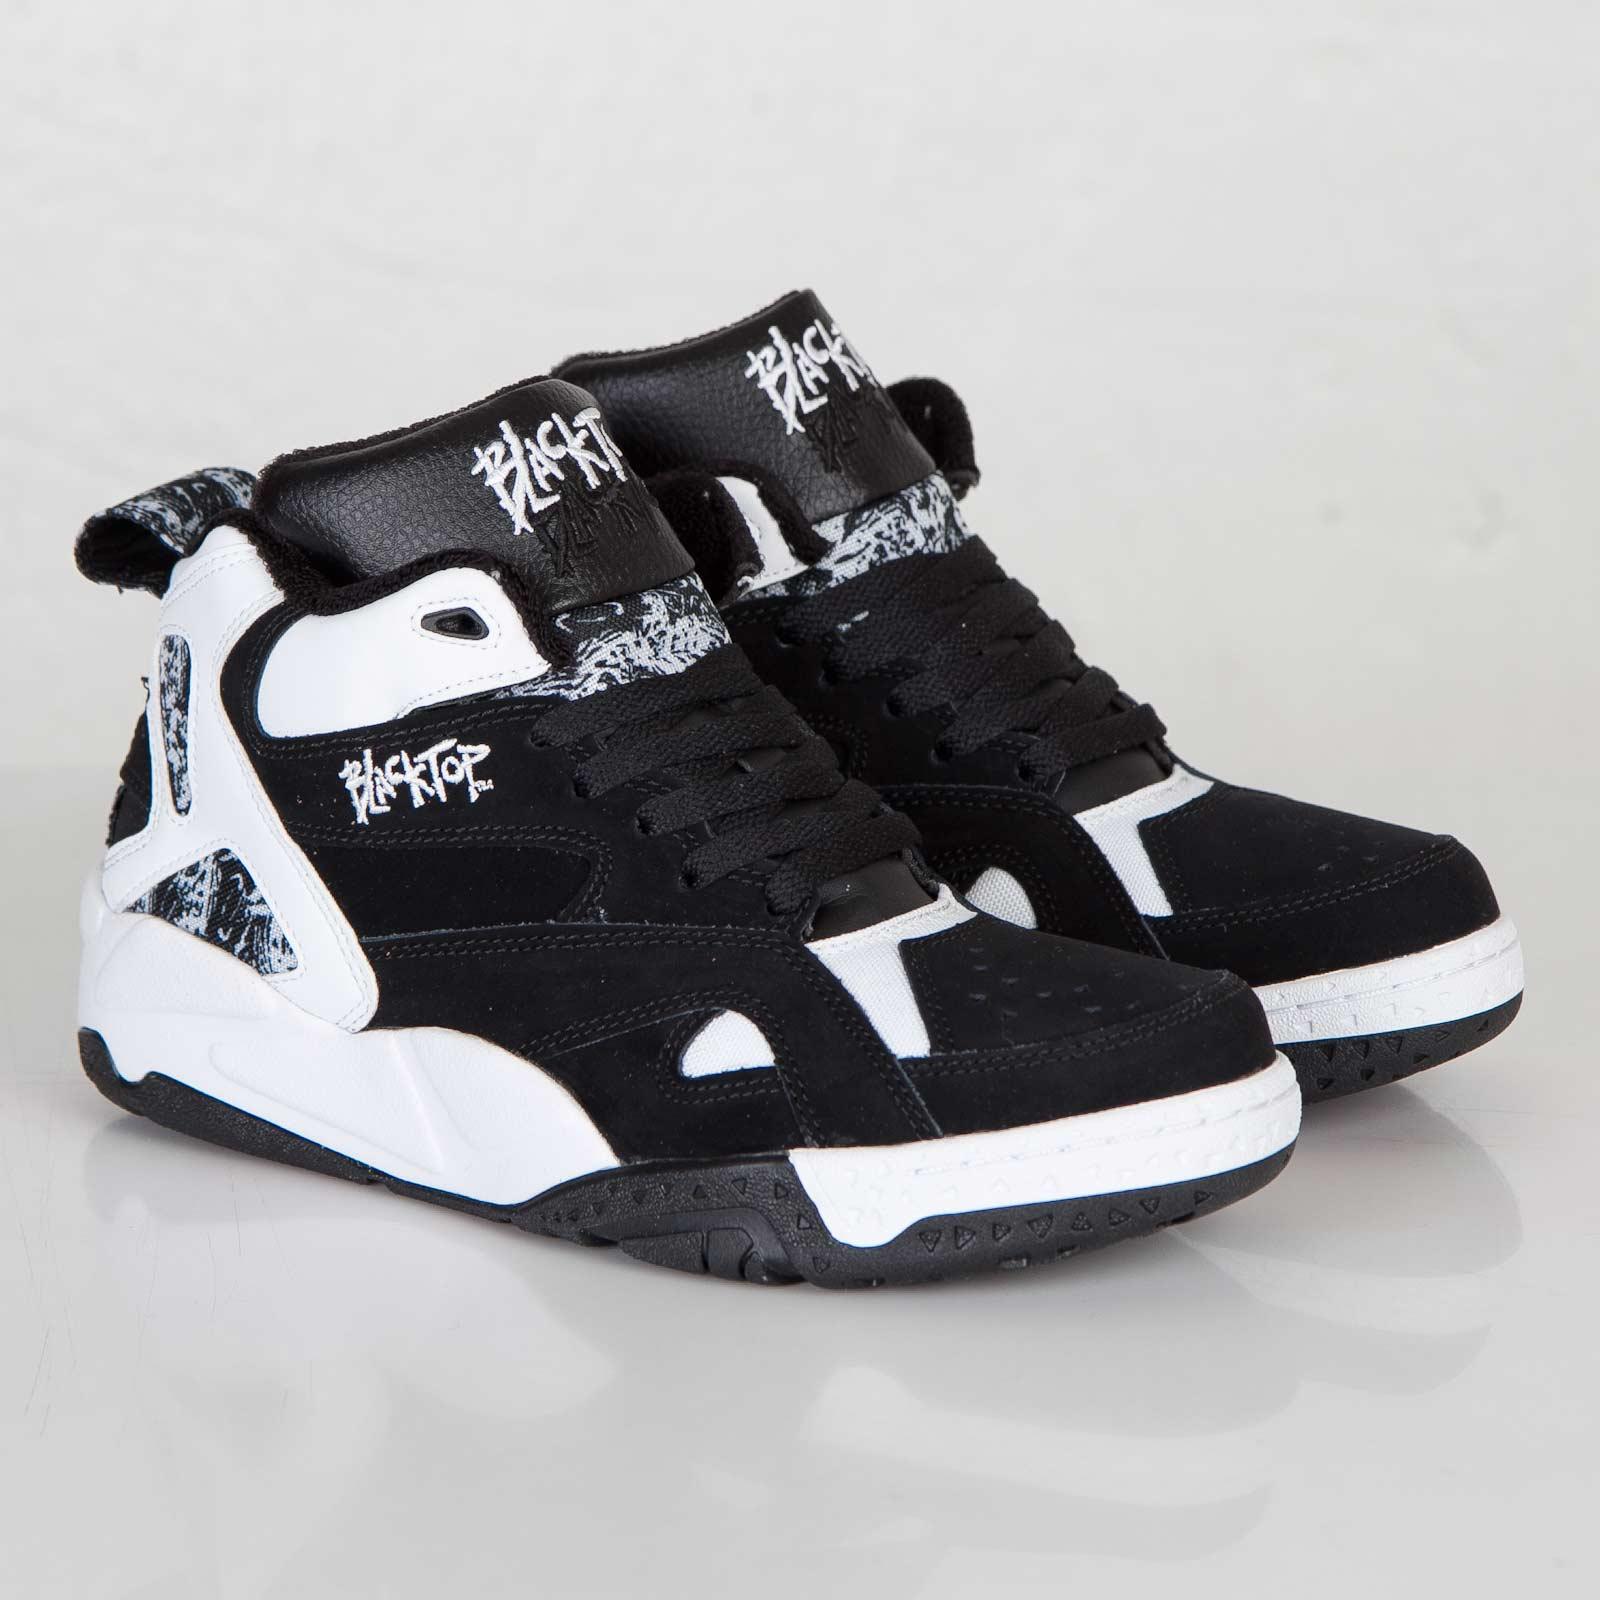 281be5c408ff Reebok Blacktop Boulevard - V55438 - Sneakersnstuff